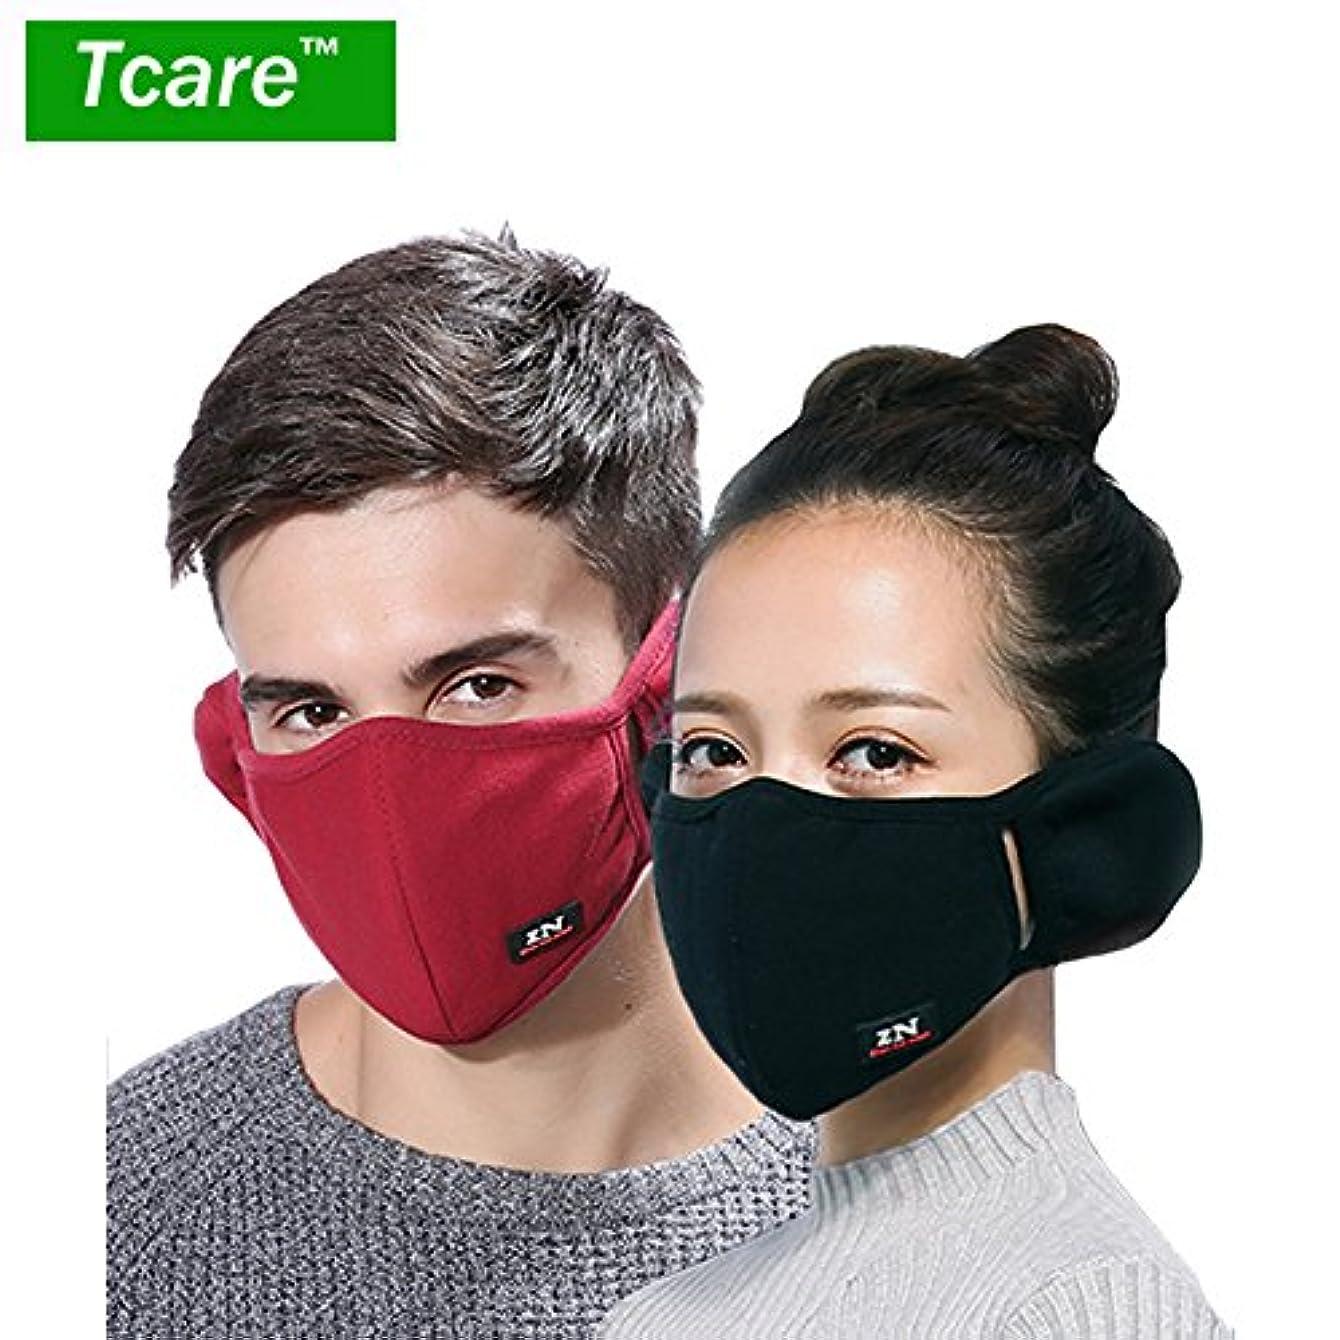 スイング手伝うすり減る男性女性の少年少女のためのTcare呼吸器2レイヤピュアコットン保護フィルター挿入口:1レッド